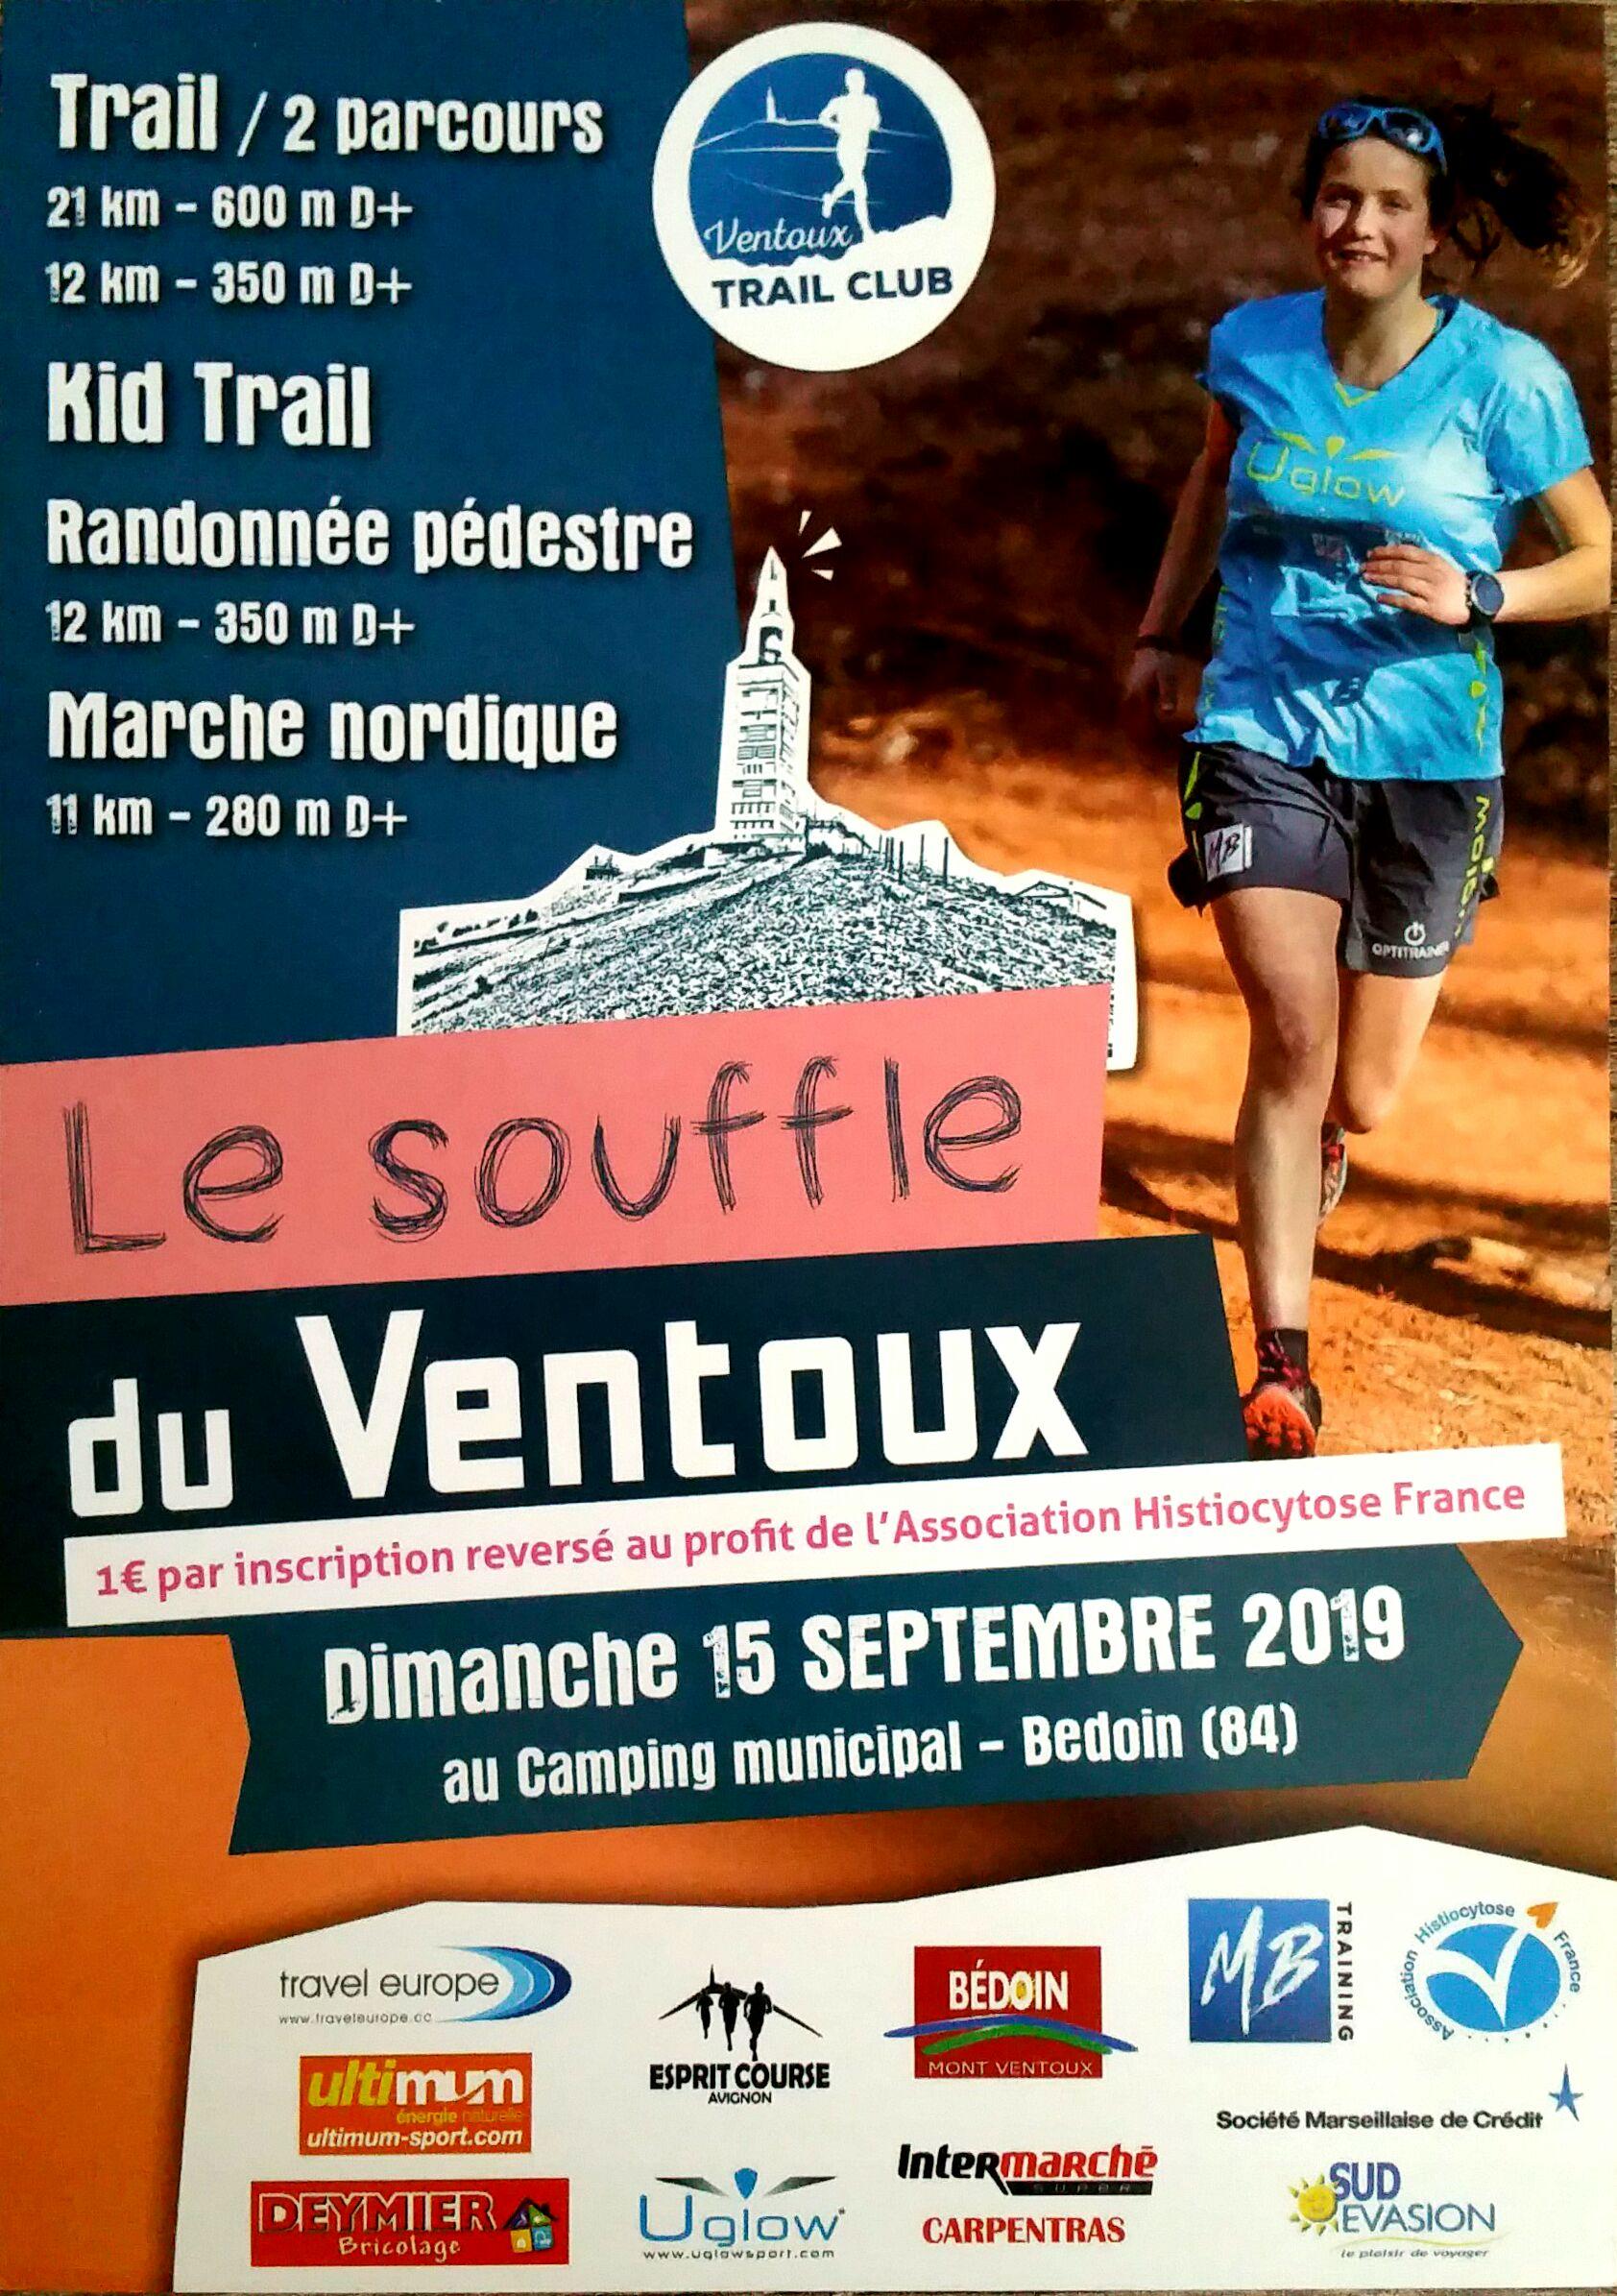 Souffle du Ventoux - Randonnee pedestre 12km